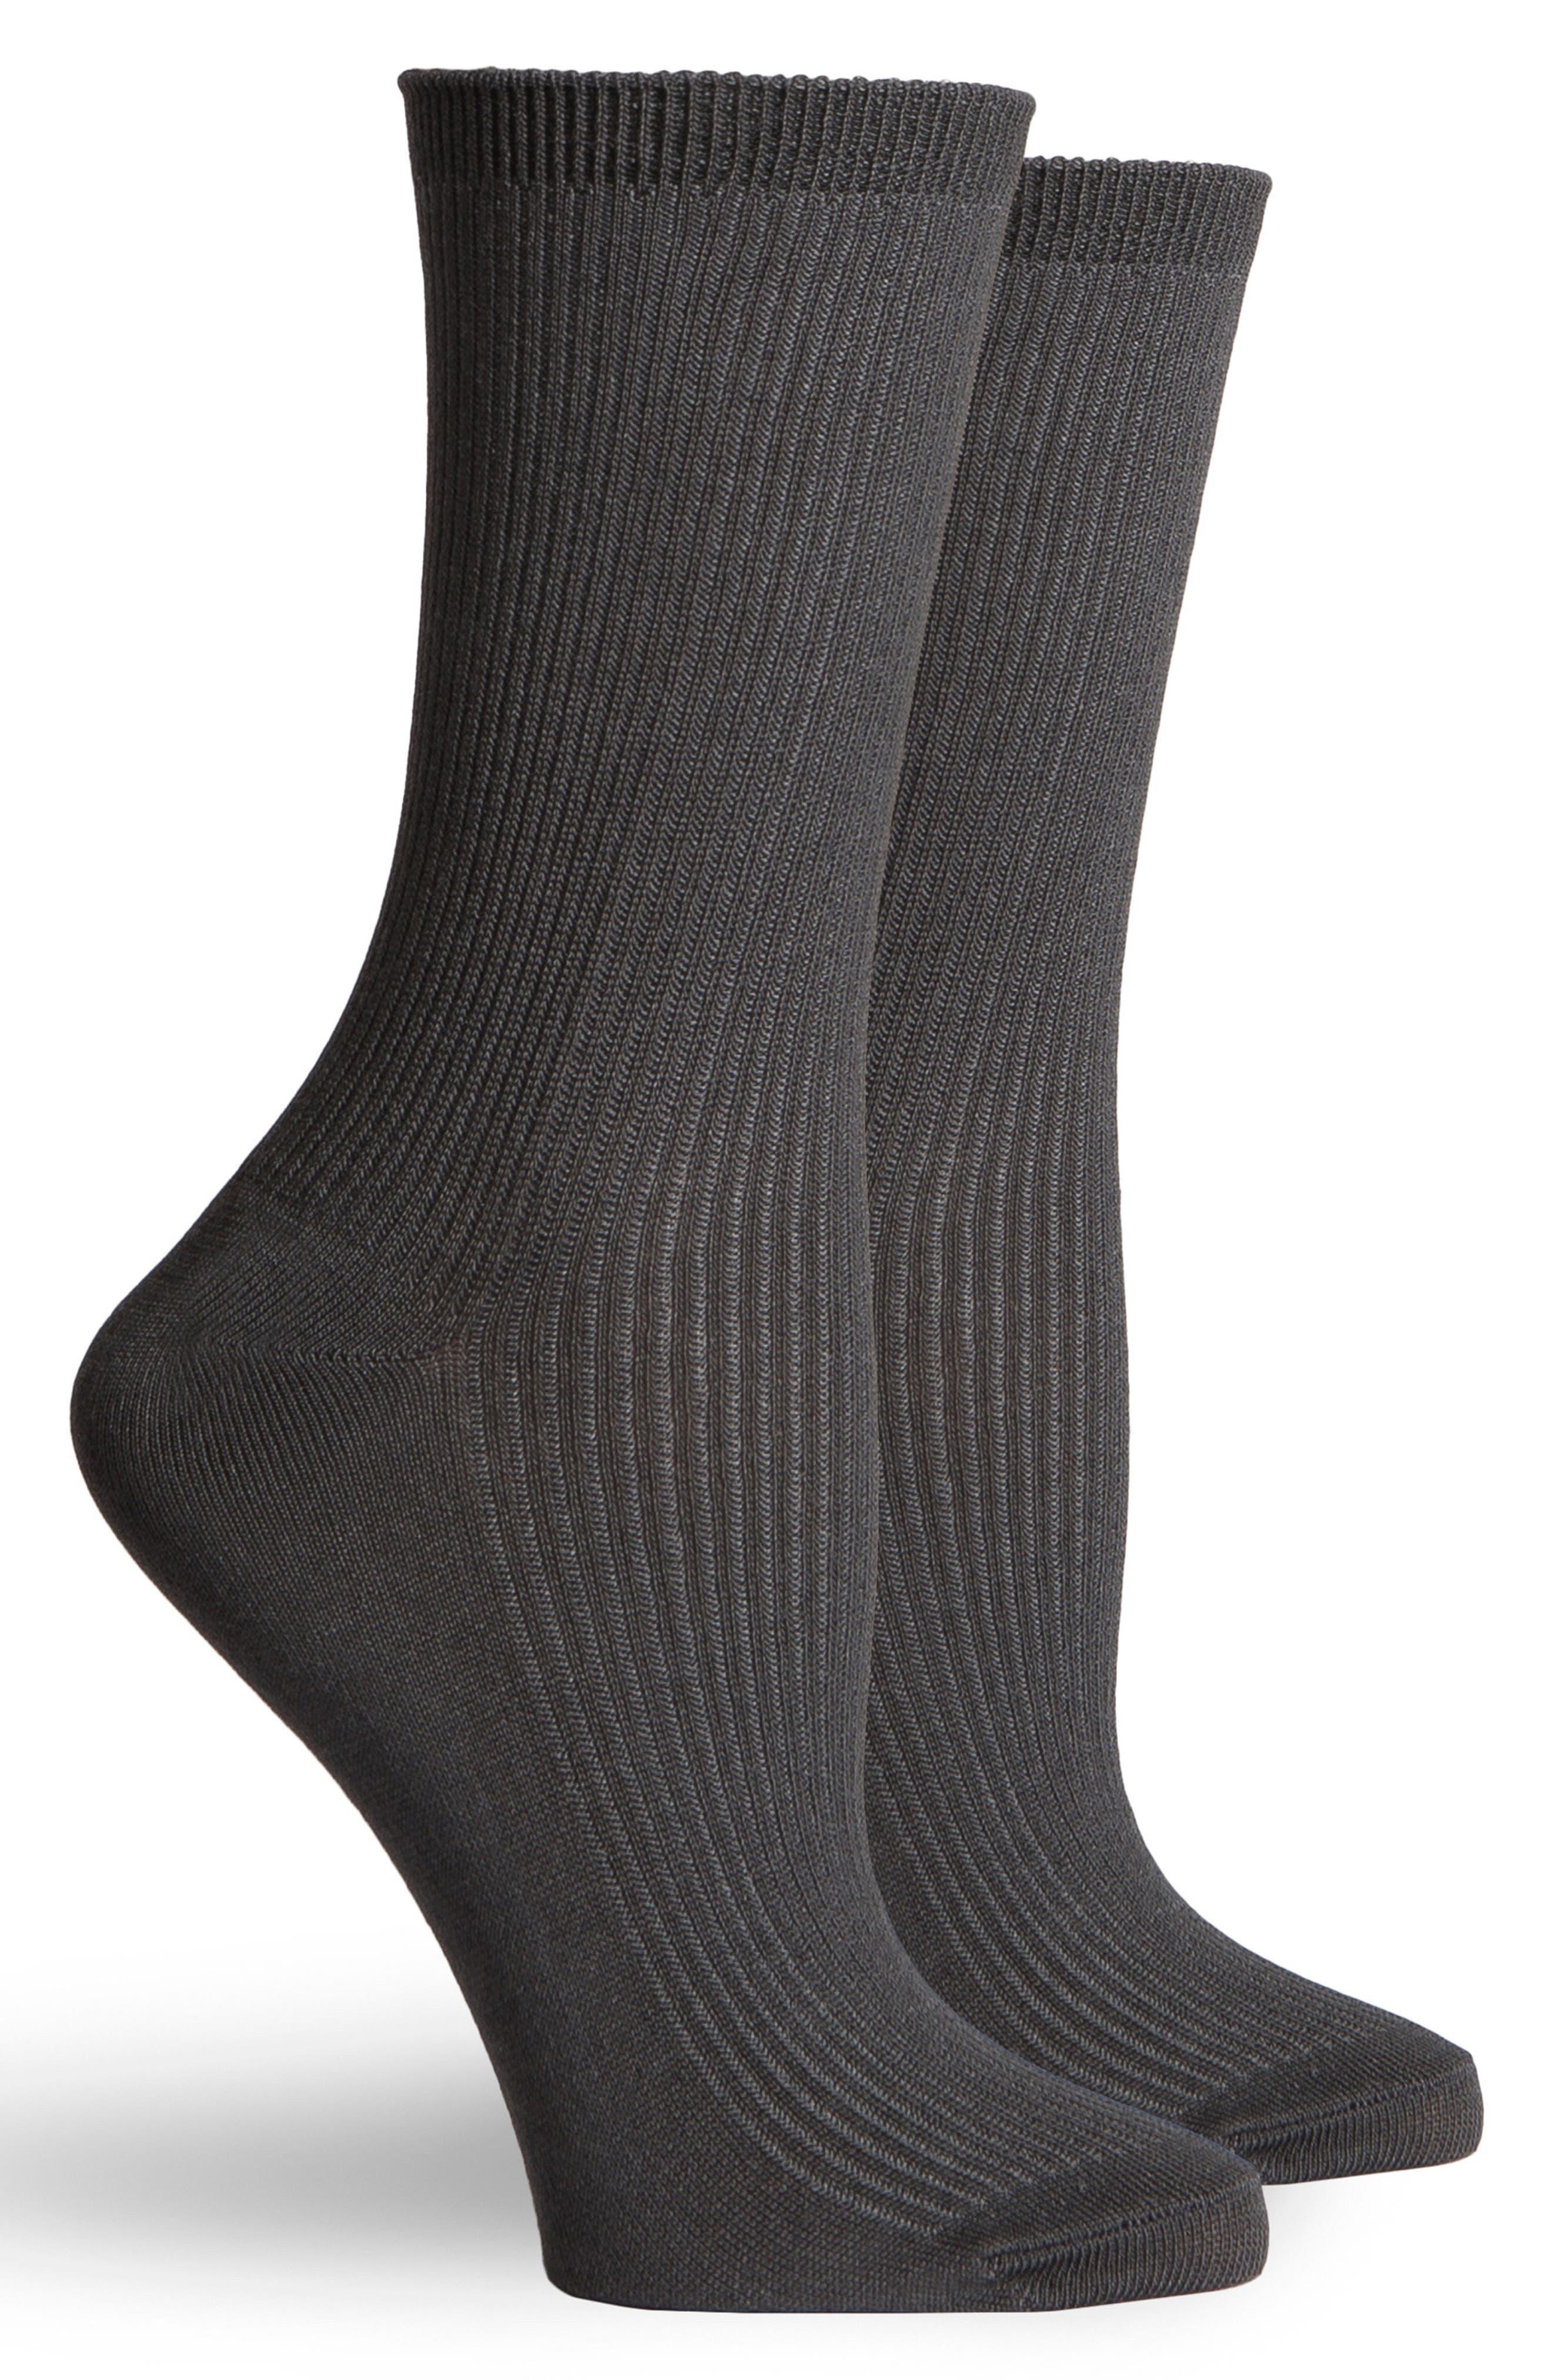 Nightingale Crew Socks,                             Alternate thumbnail 2, color,                             010